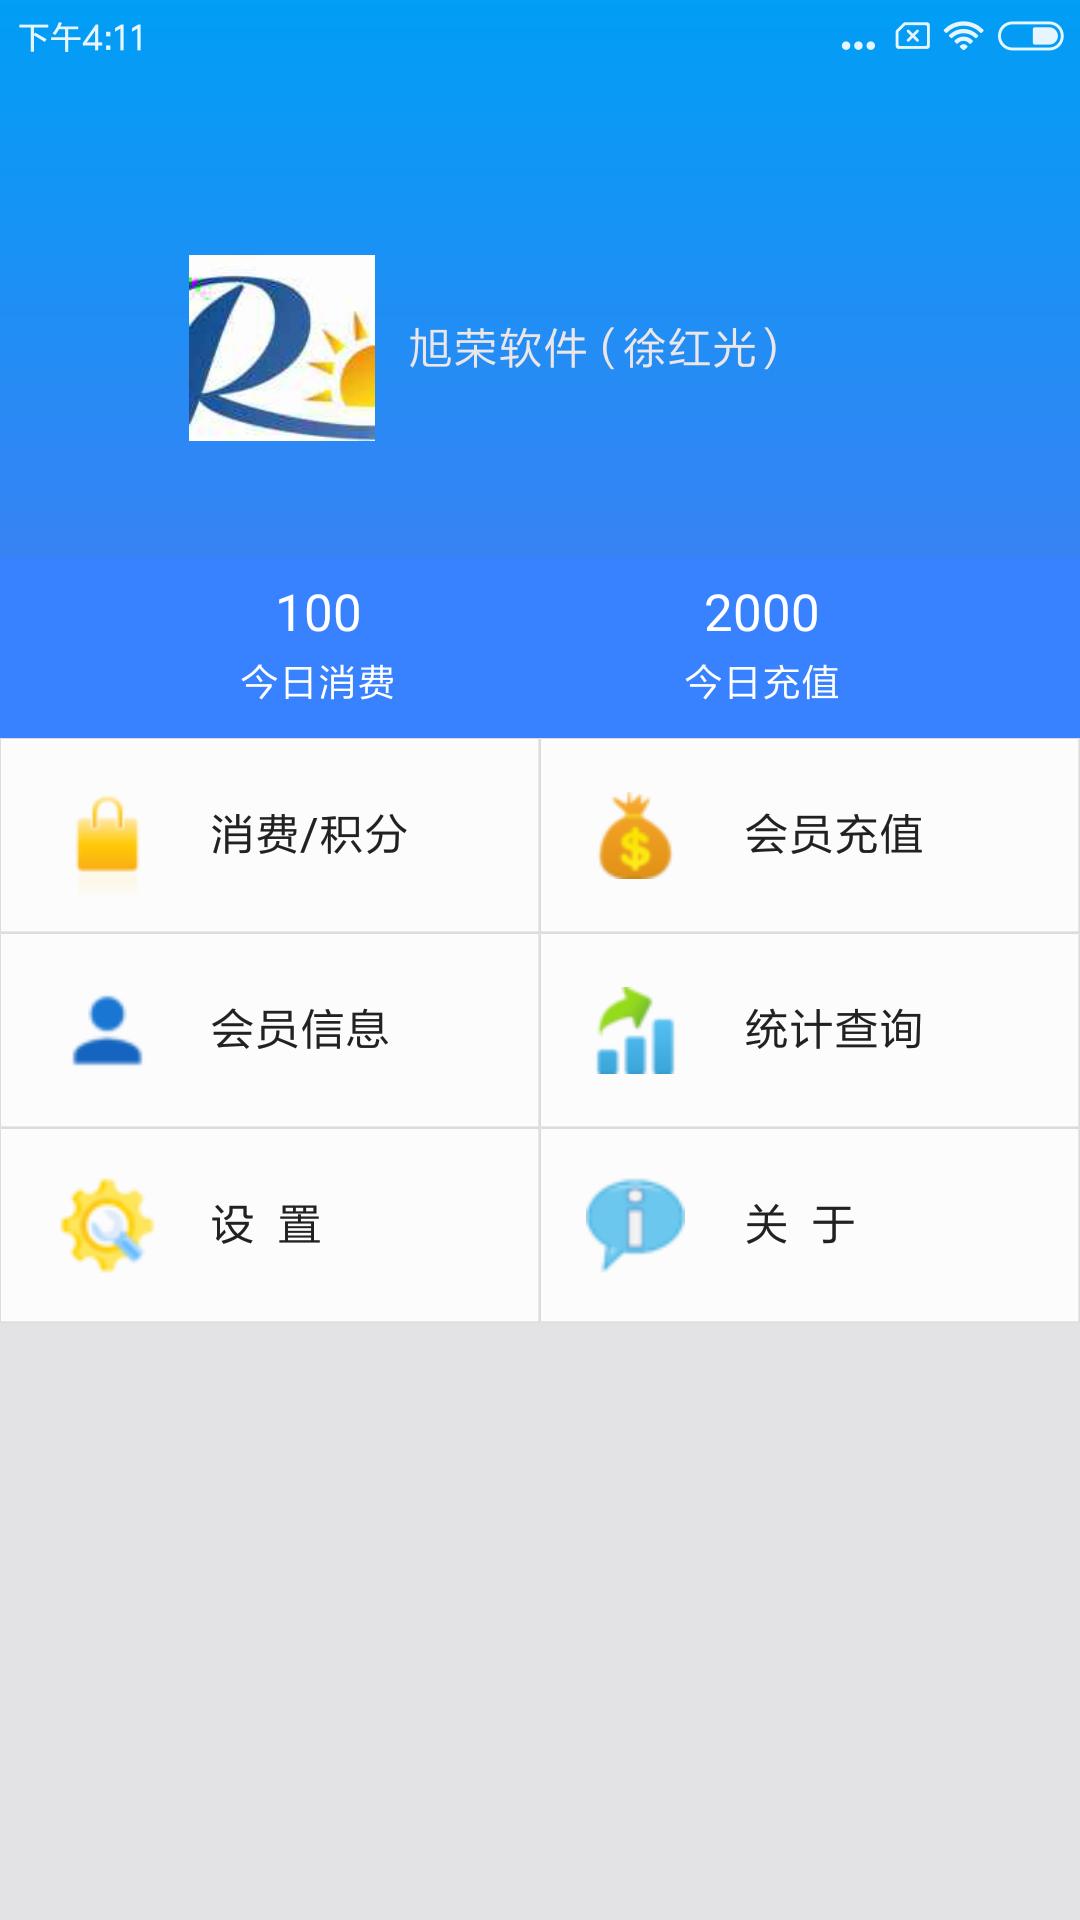 旭荣会员手机版积分软件 v1.0